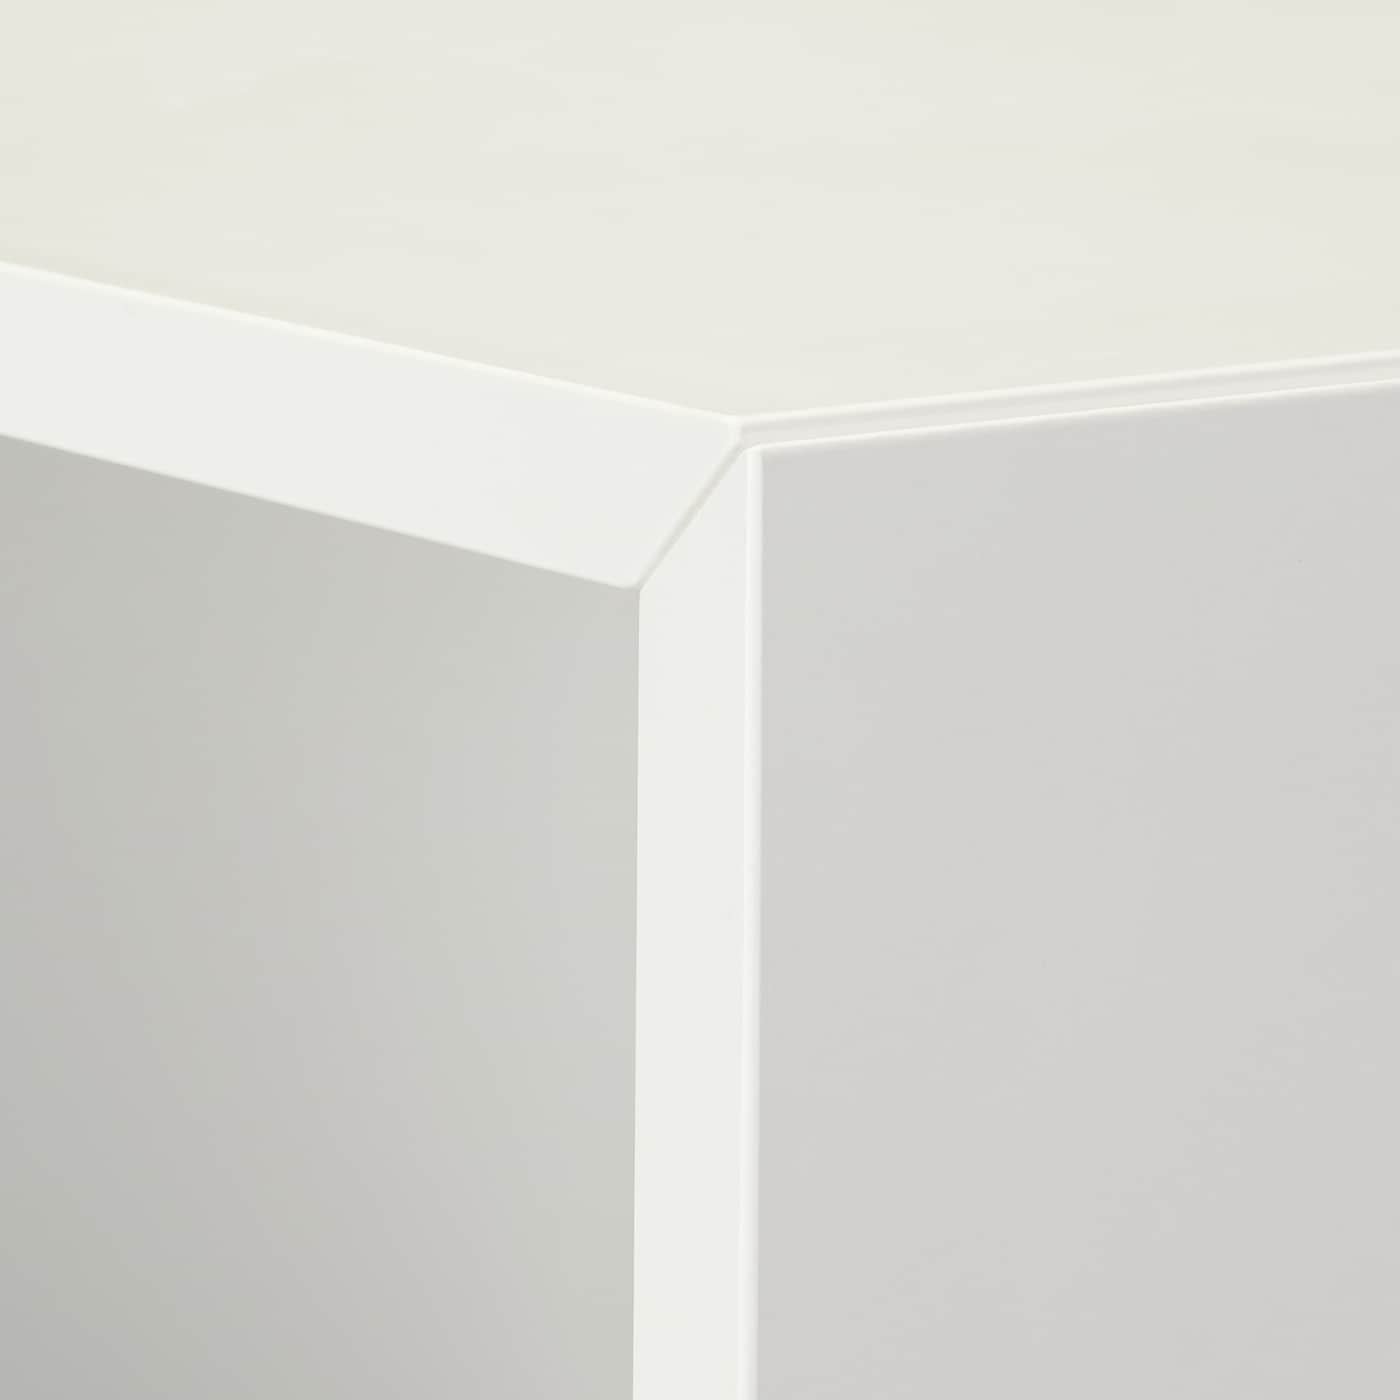 EKET Étagère murale à 4 compartiments, blanc, 70x35x70 cm